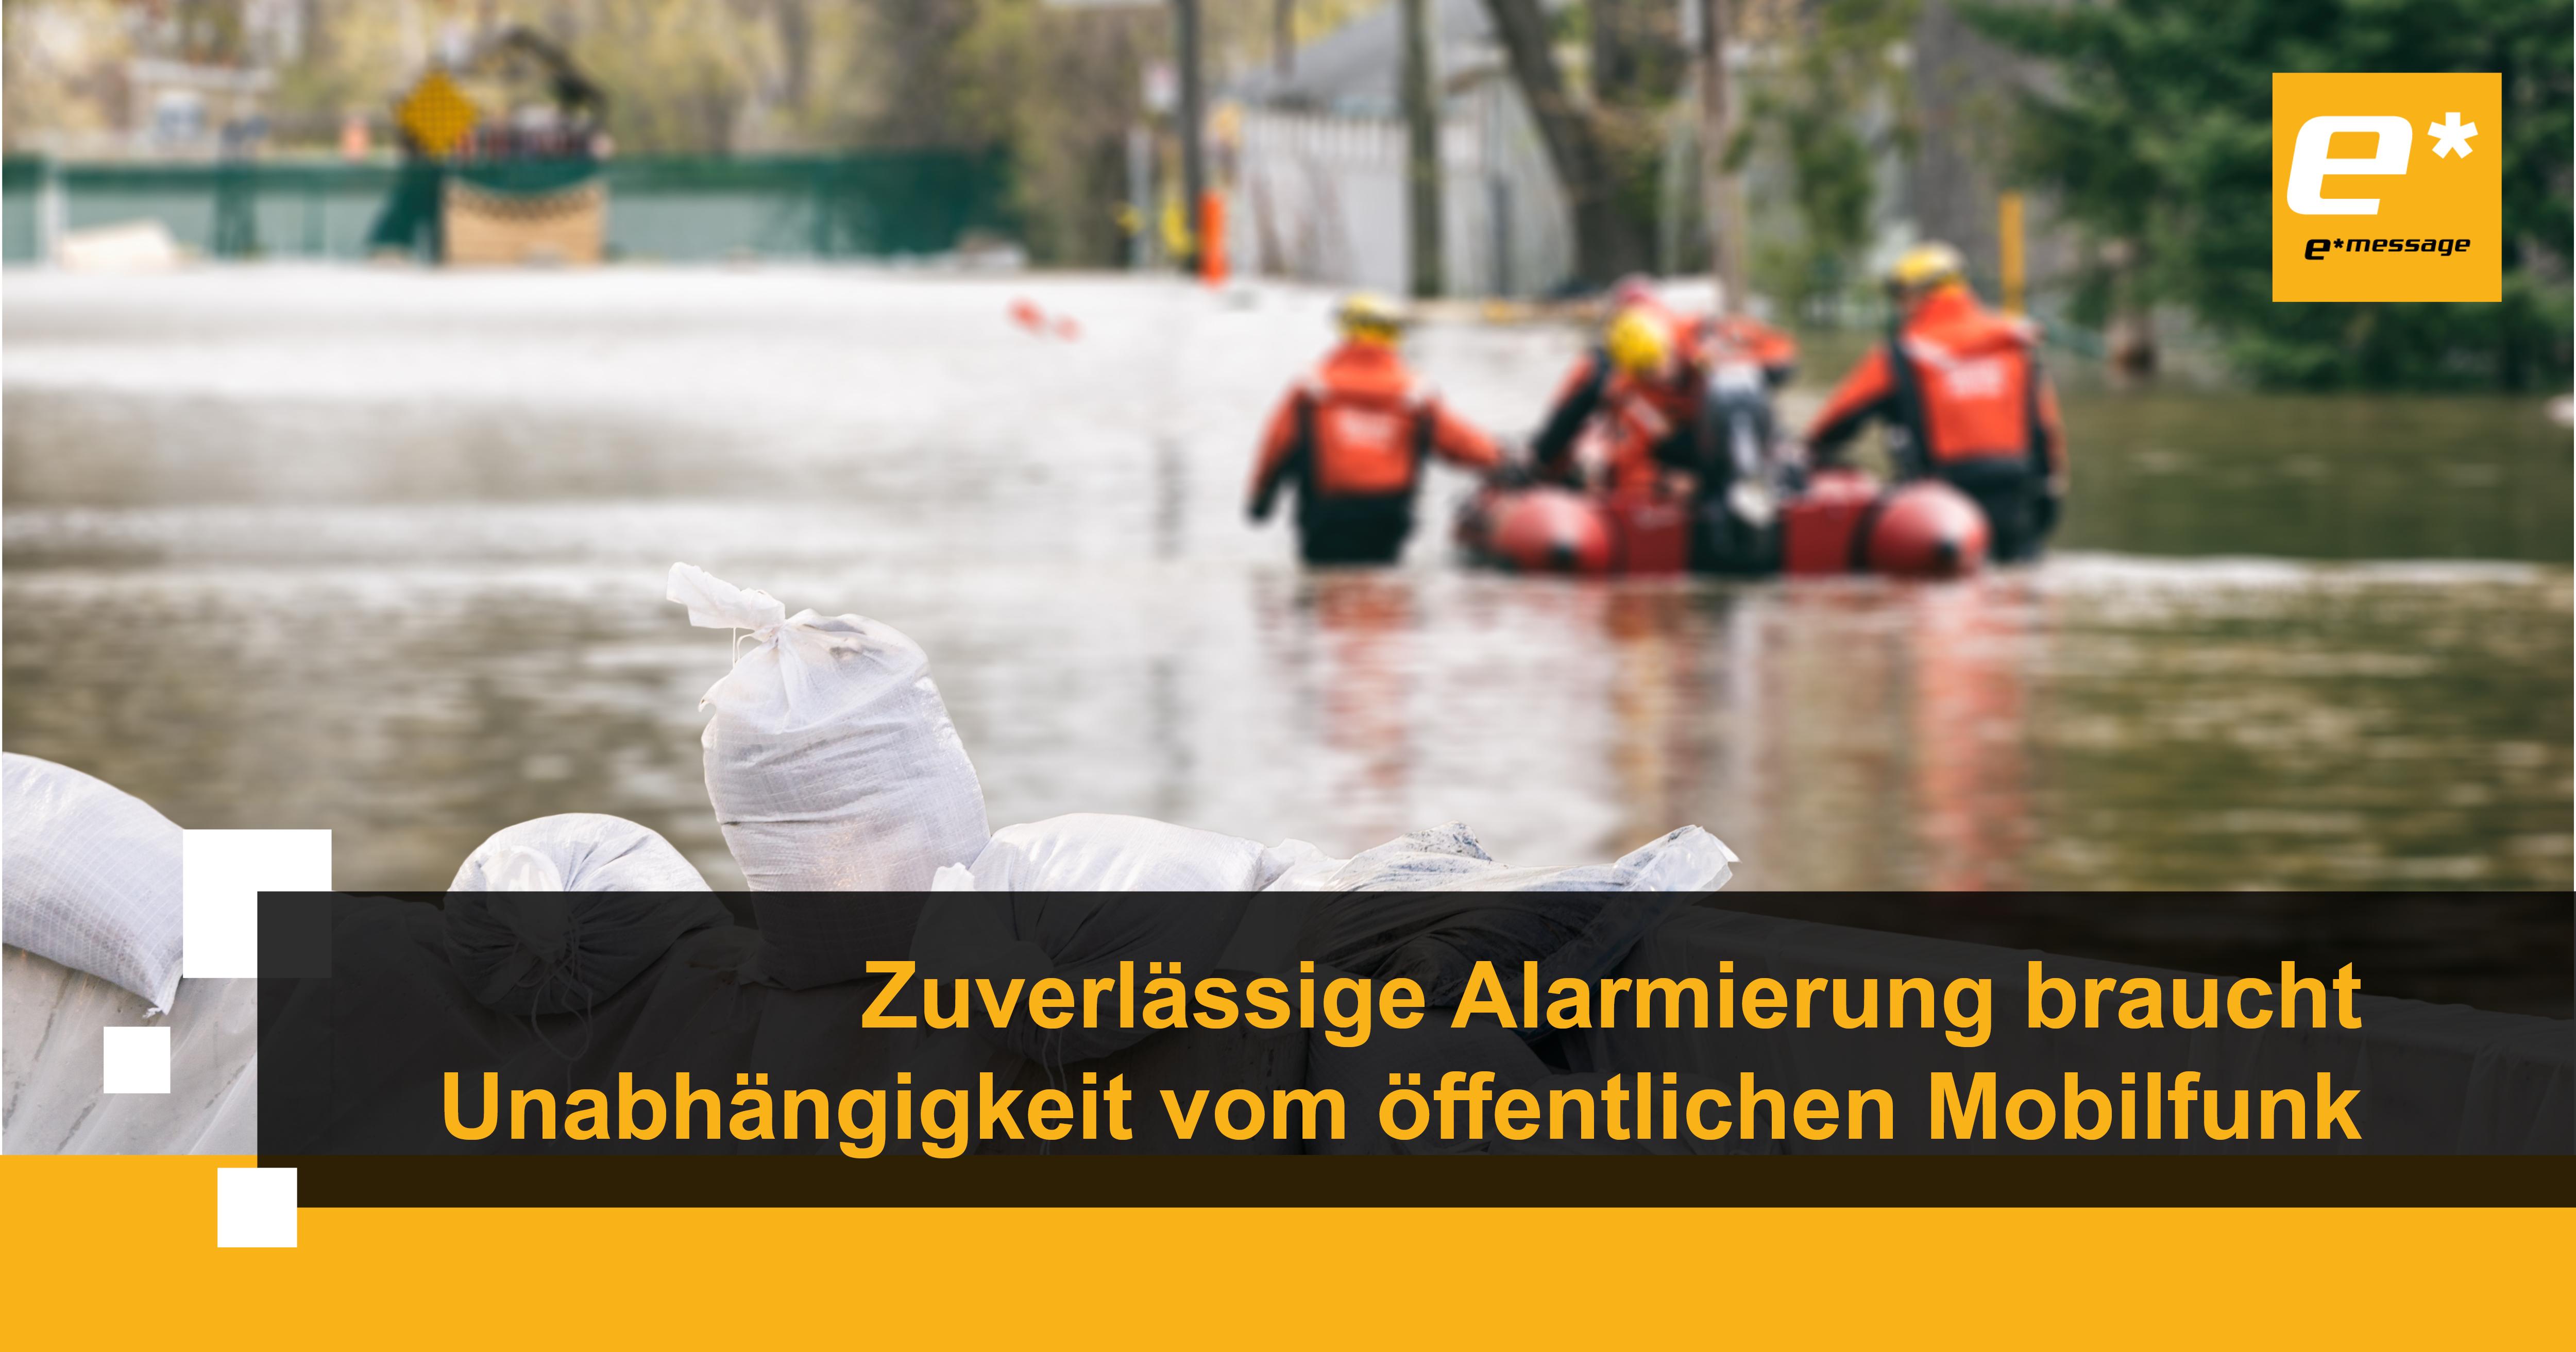 Sicherheitsfunknetz leistet einen wichtigen Beitrag zum Katastrophenschutz